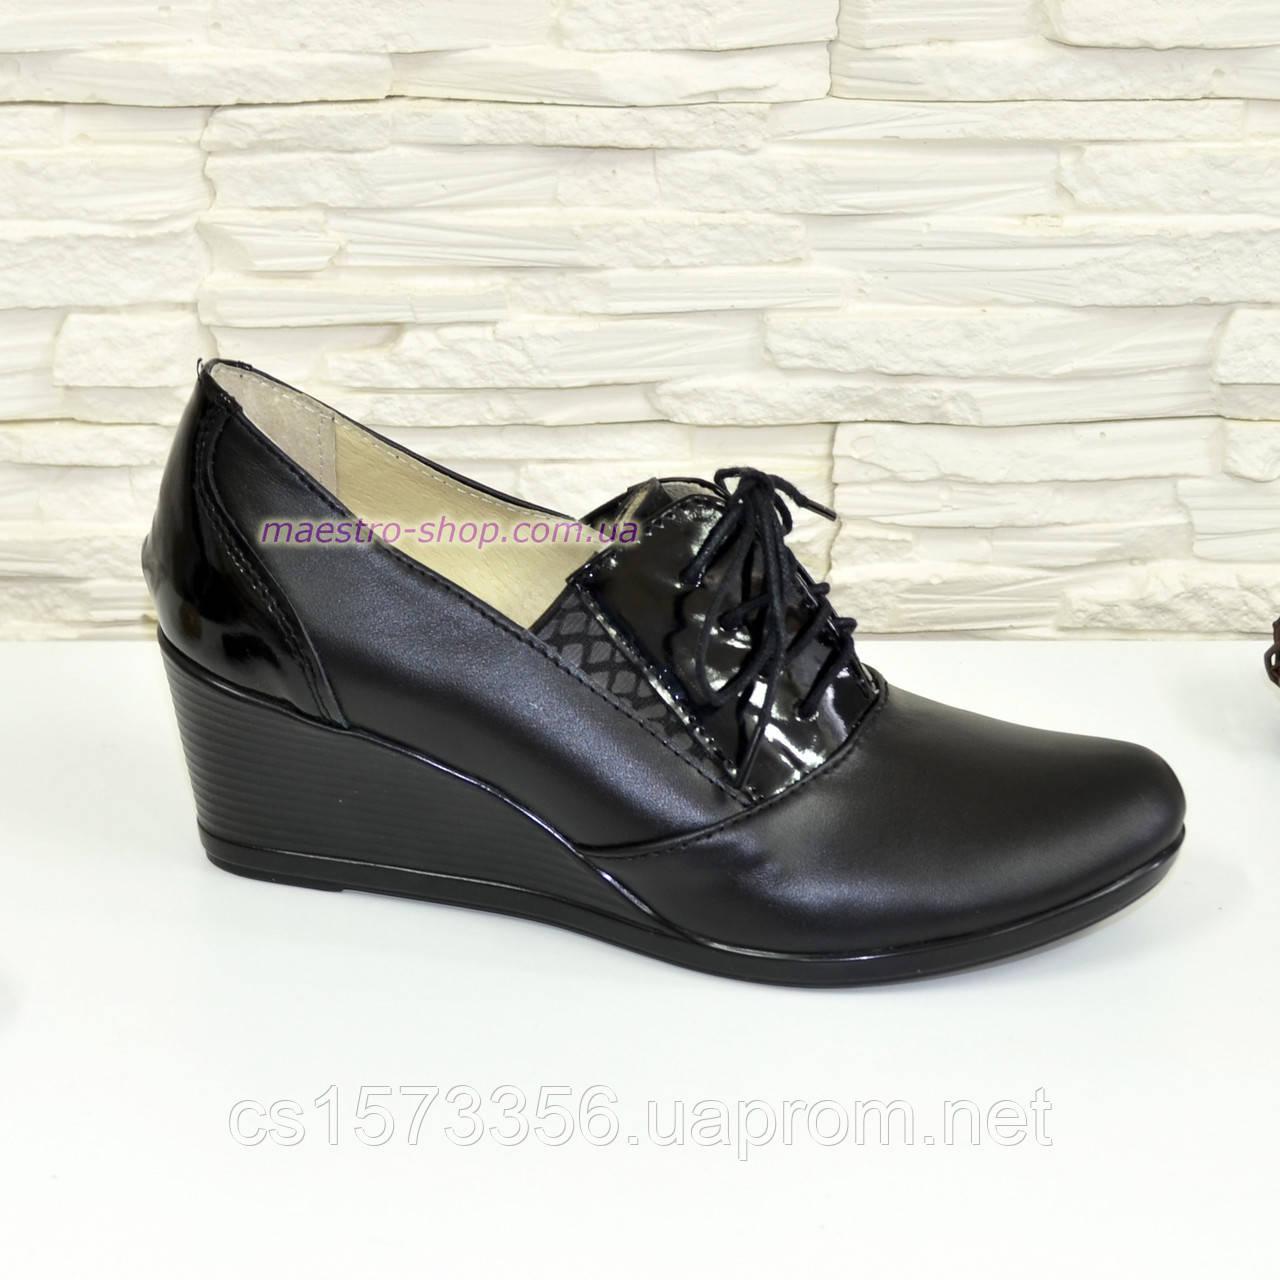 Туфли женские кожаные черные на танкетке, декорированы шнуровкой